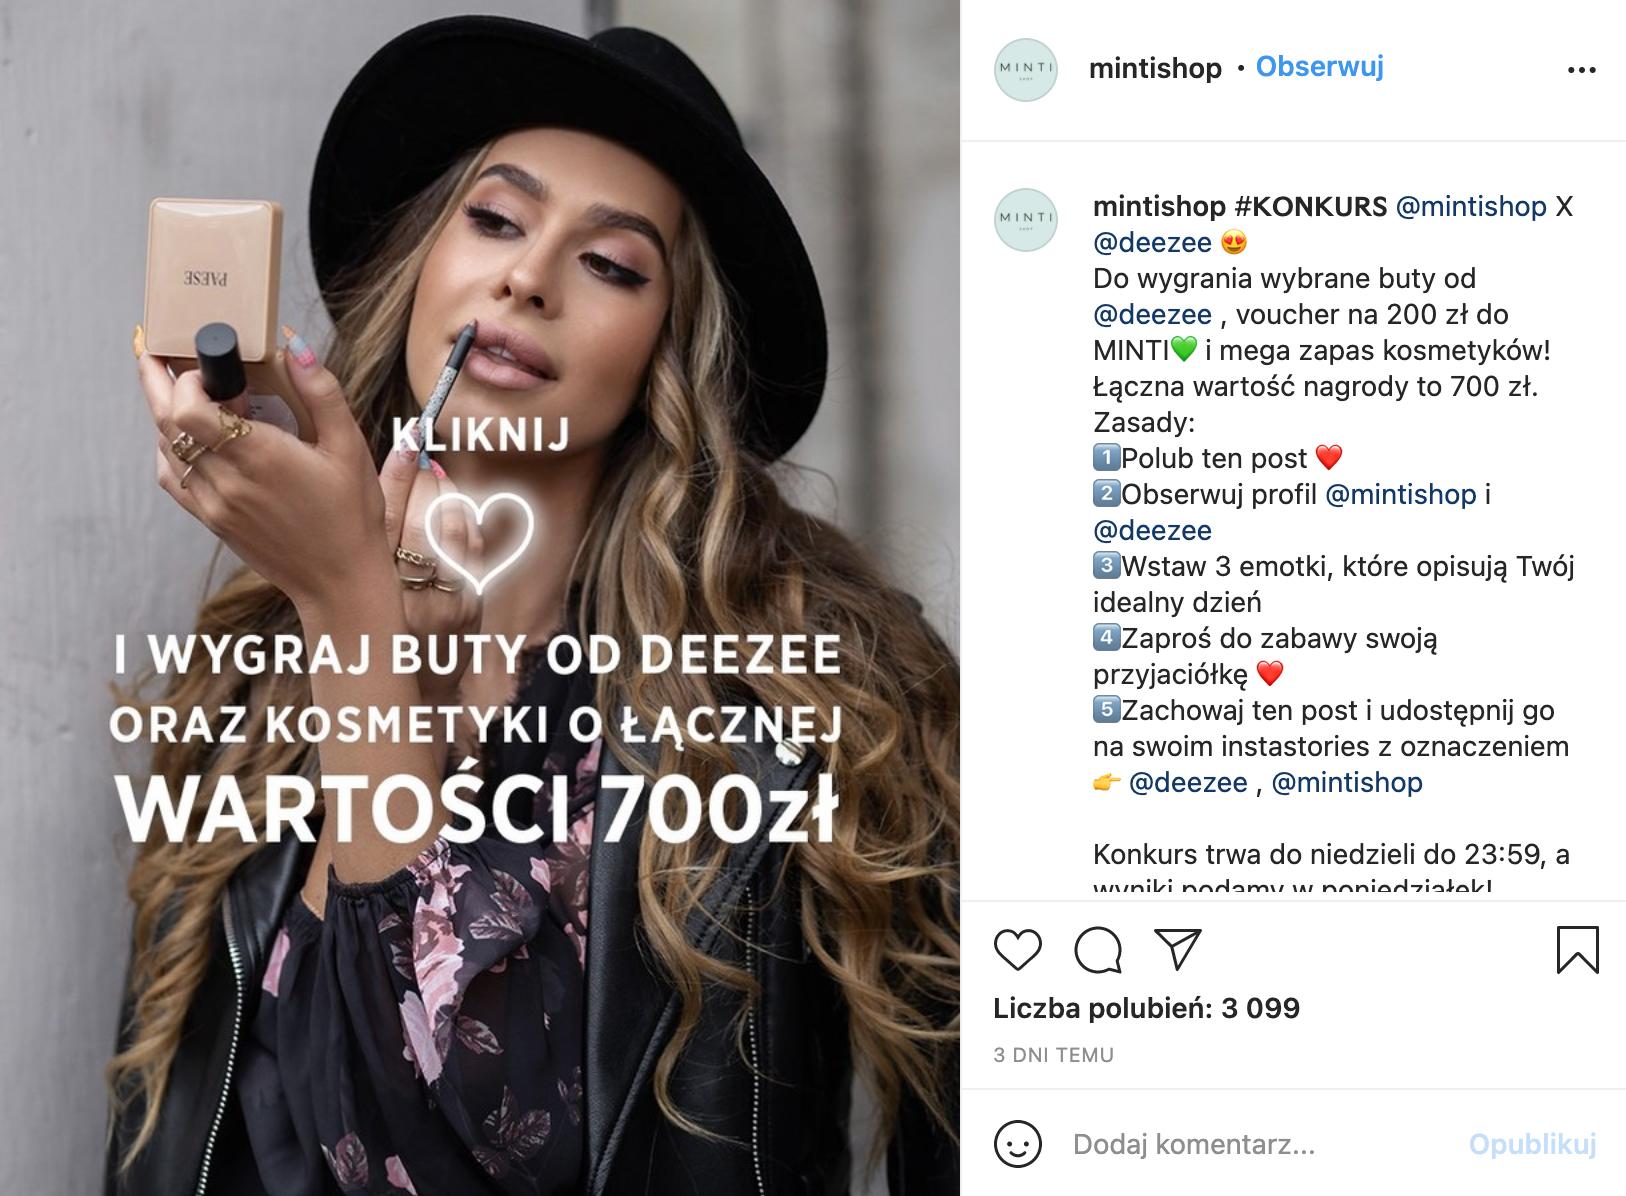 Przykład angażującego contentu na Instagramie